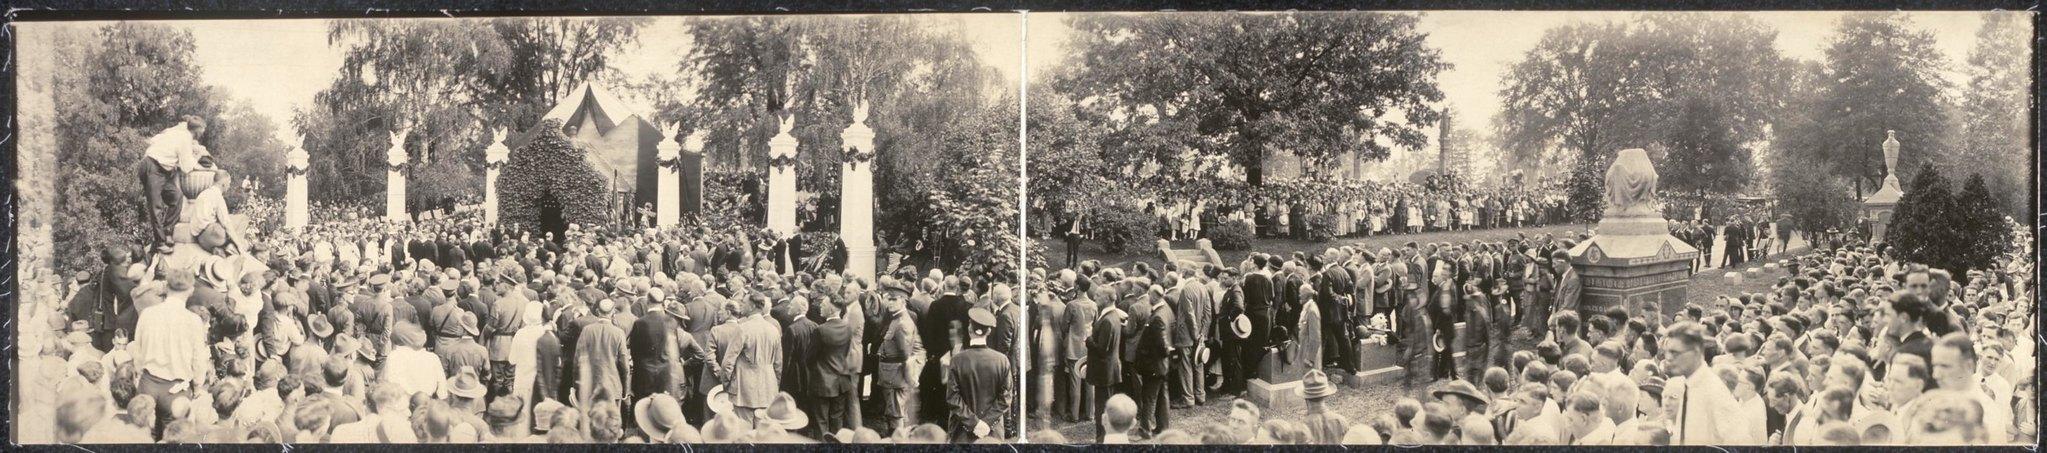 Where President Warren G. Harding sleeps in New Shrine of Patriotism, Marion Cemetery LCCN2007663481 | by Fæ